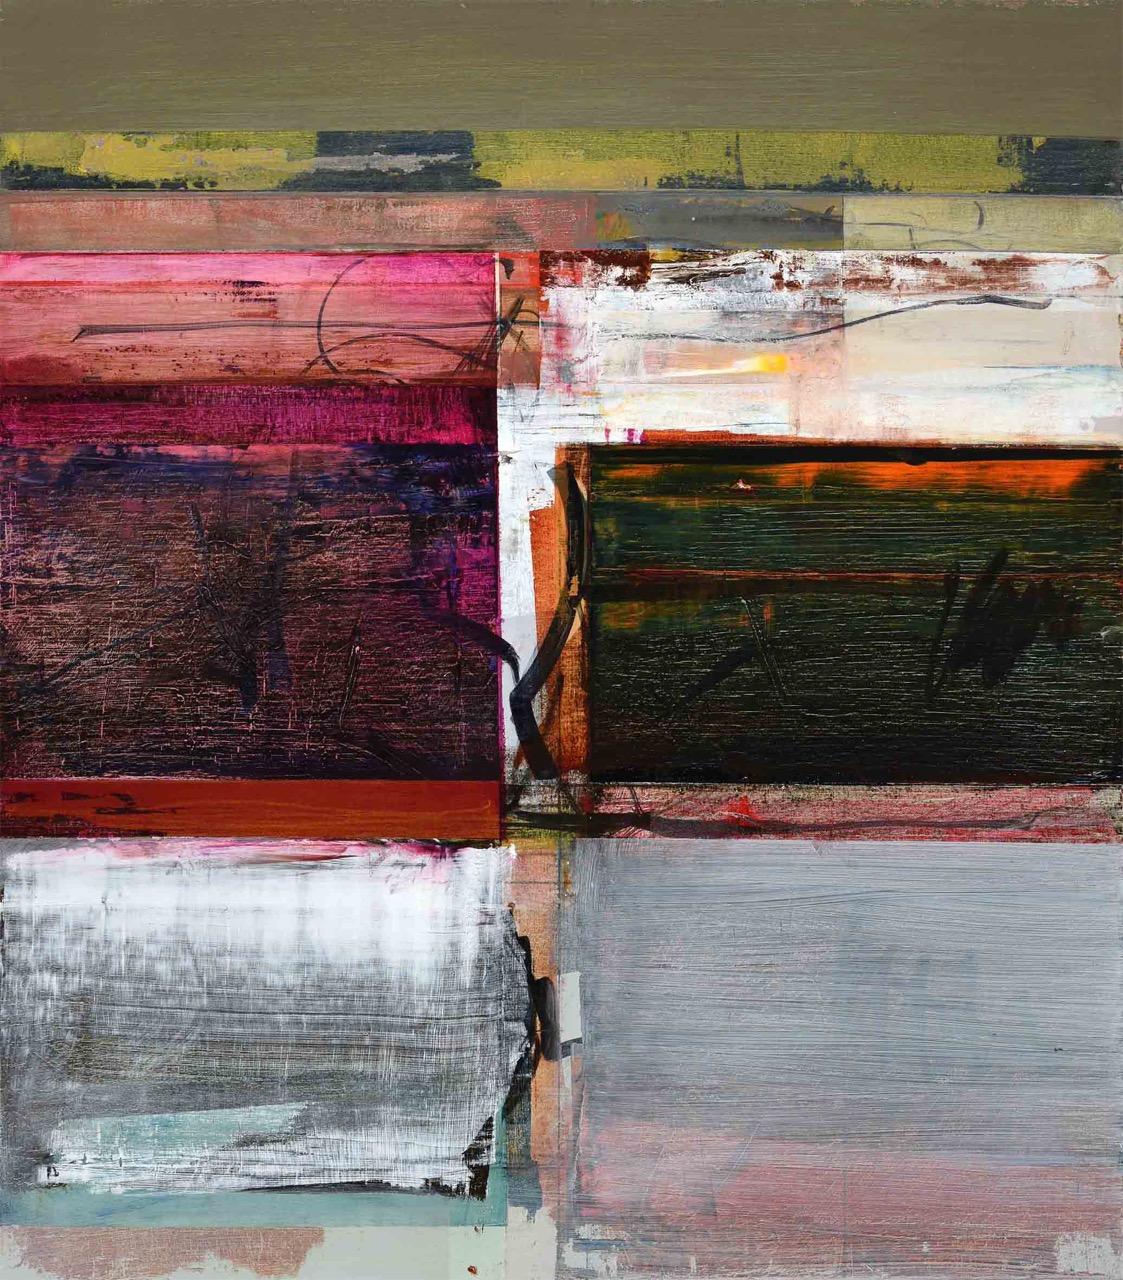 John Waller Transformant 2 Oil on linen 80 x 70 cm